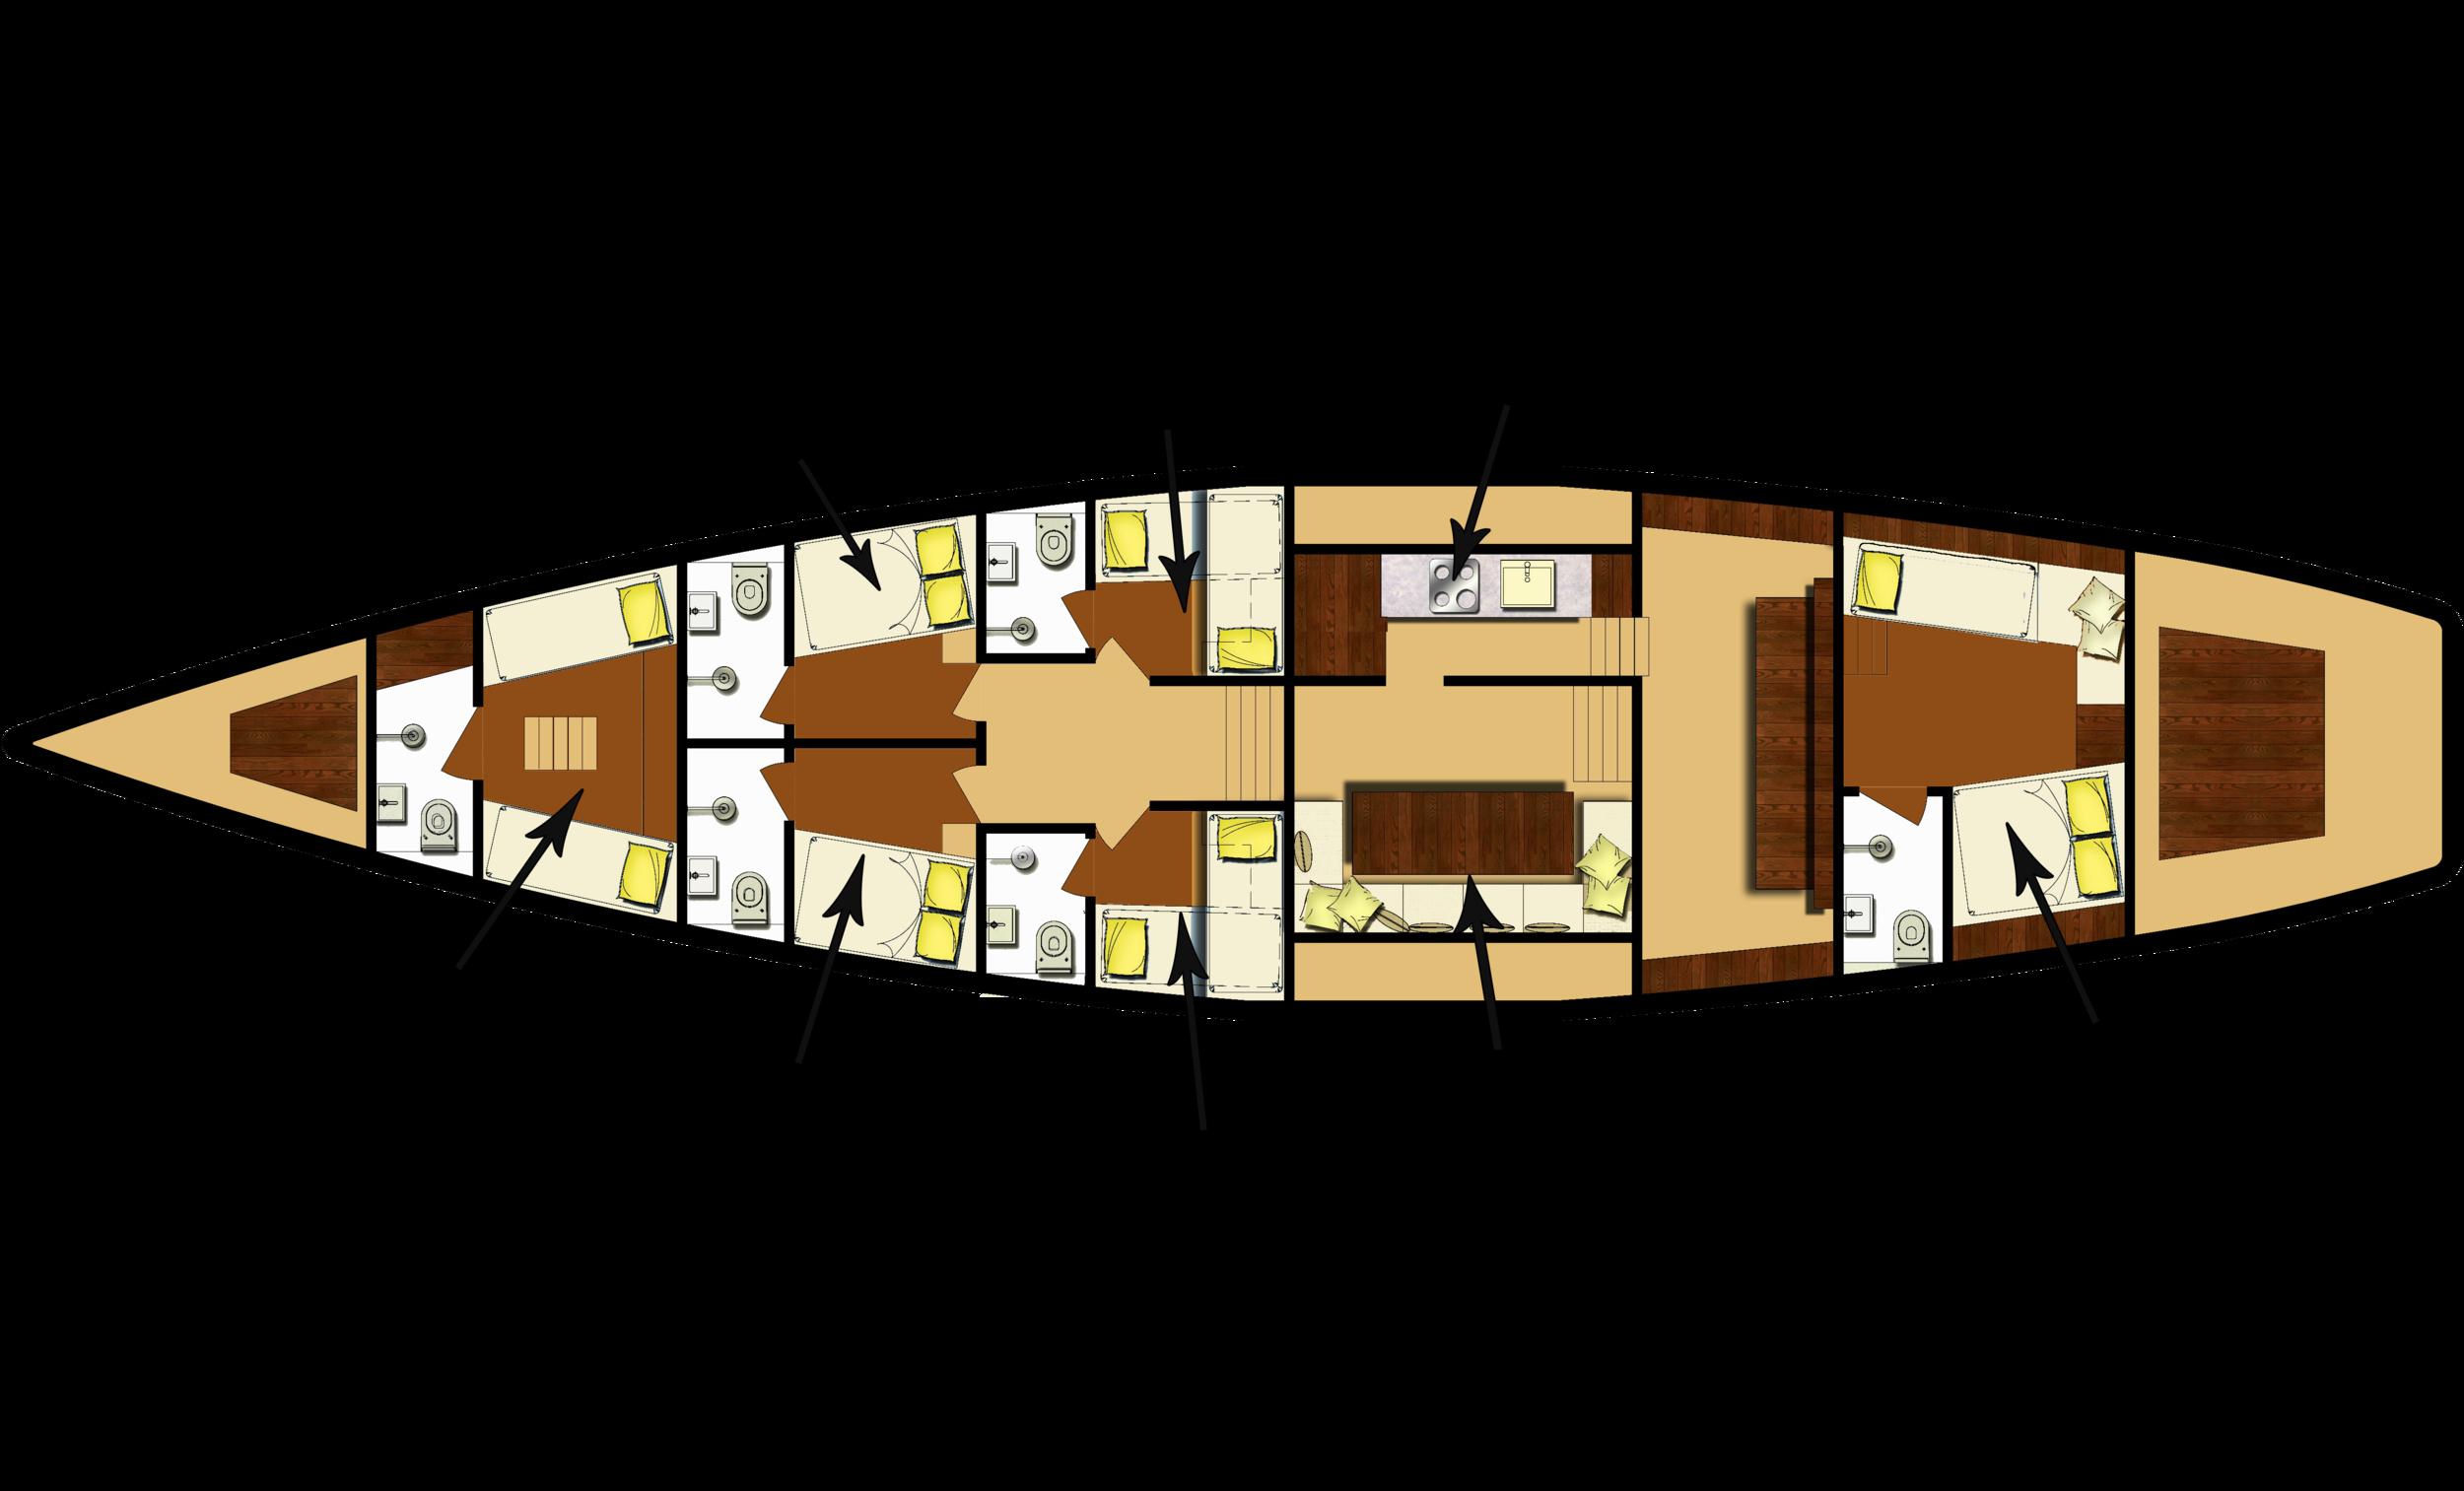 BB_MetaIV_layout.png